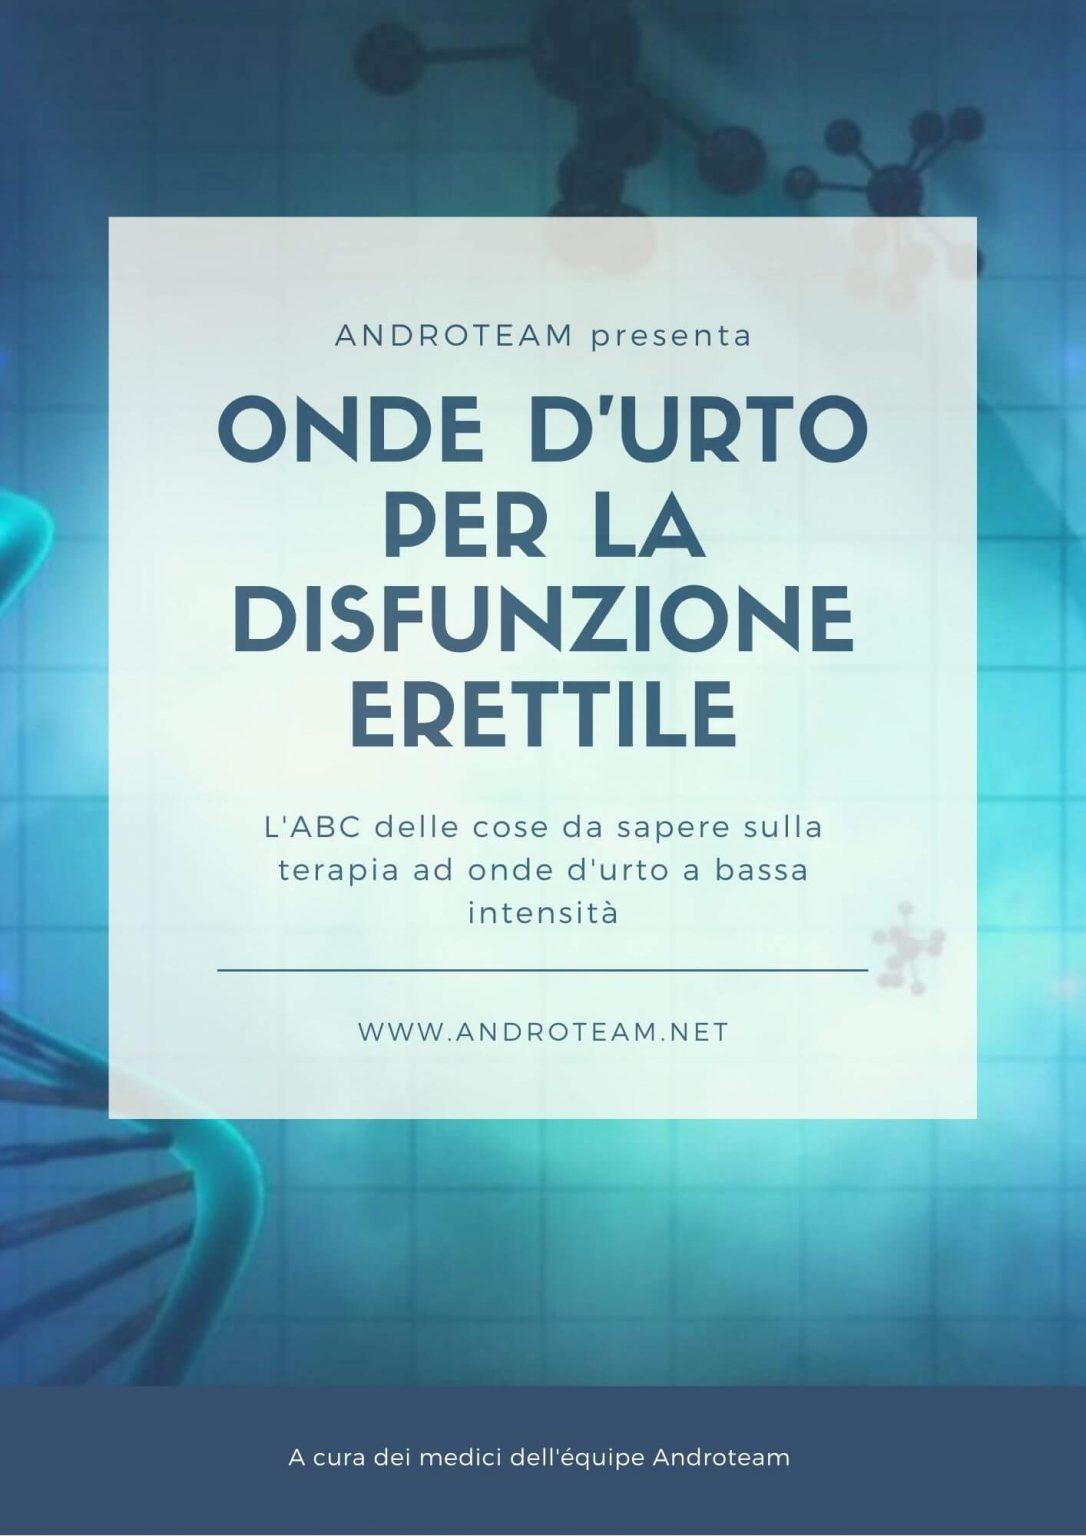 Manuale onde d'urto per la disfunzione erettile - Download